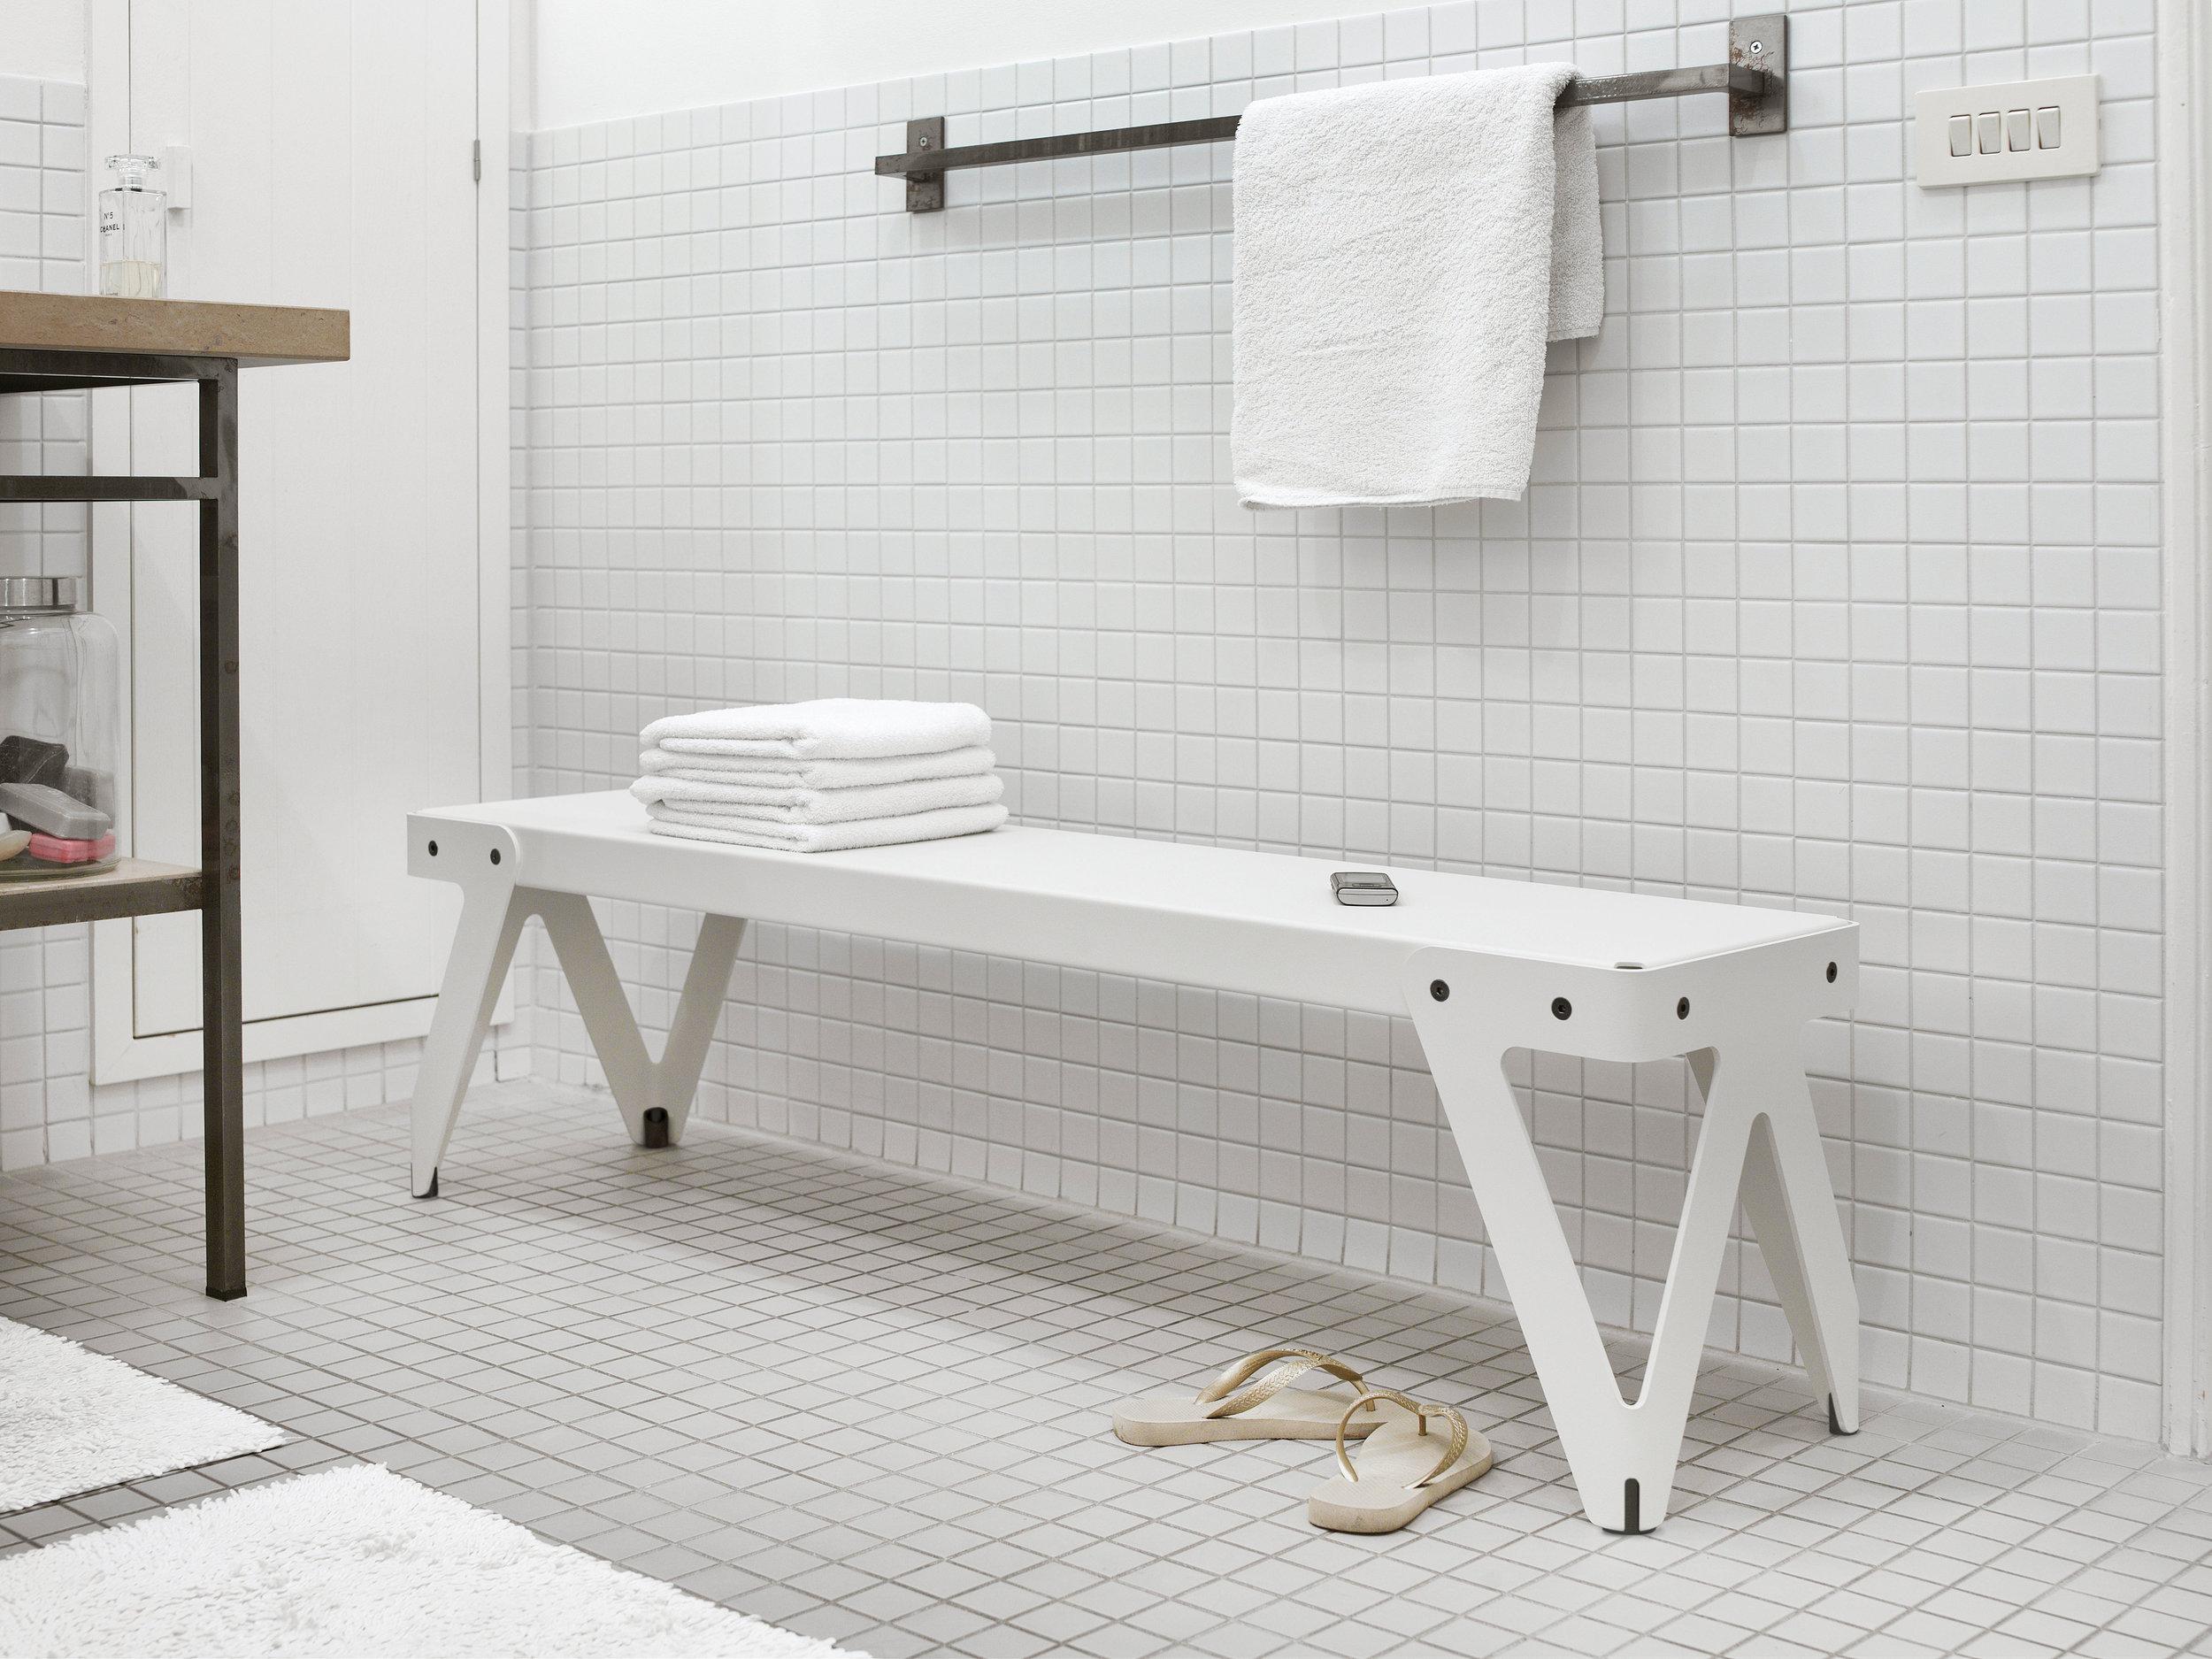 Lloyd_bench_white_bathroom (2).jpg